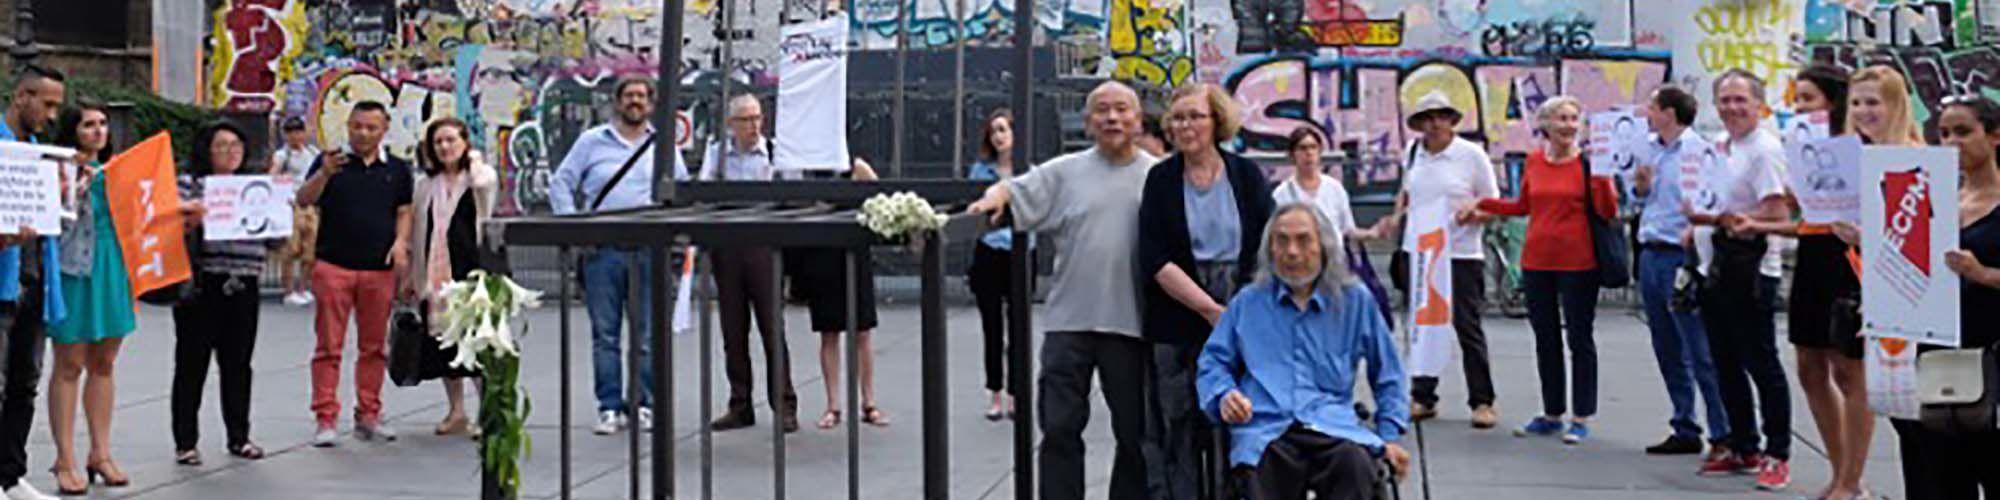 Guetteurs et tocsin  Chaise vide de la Liberté, à la mémoire de Liu Xiaobo